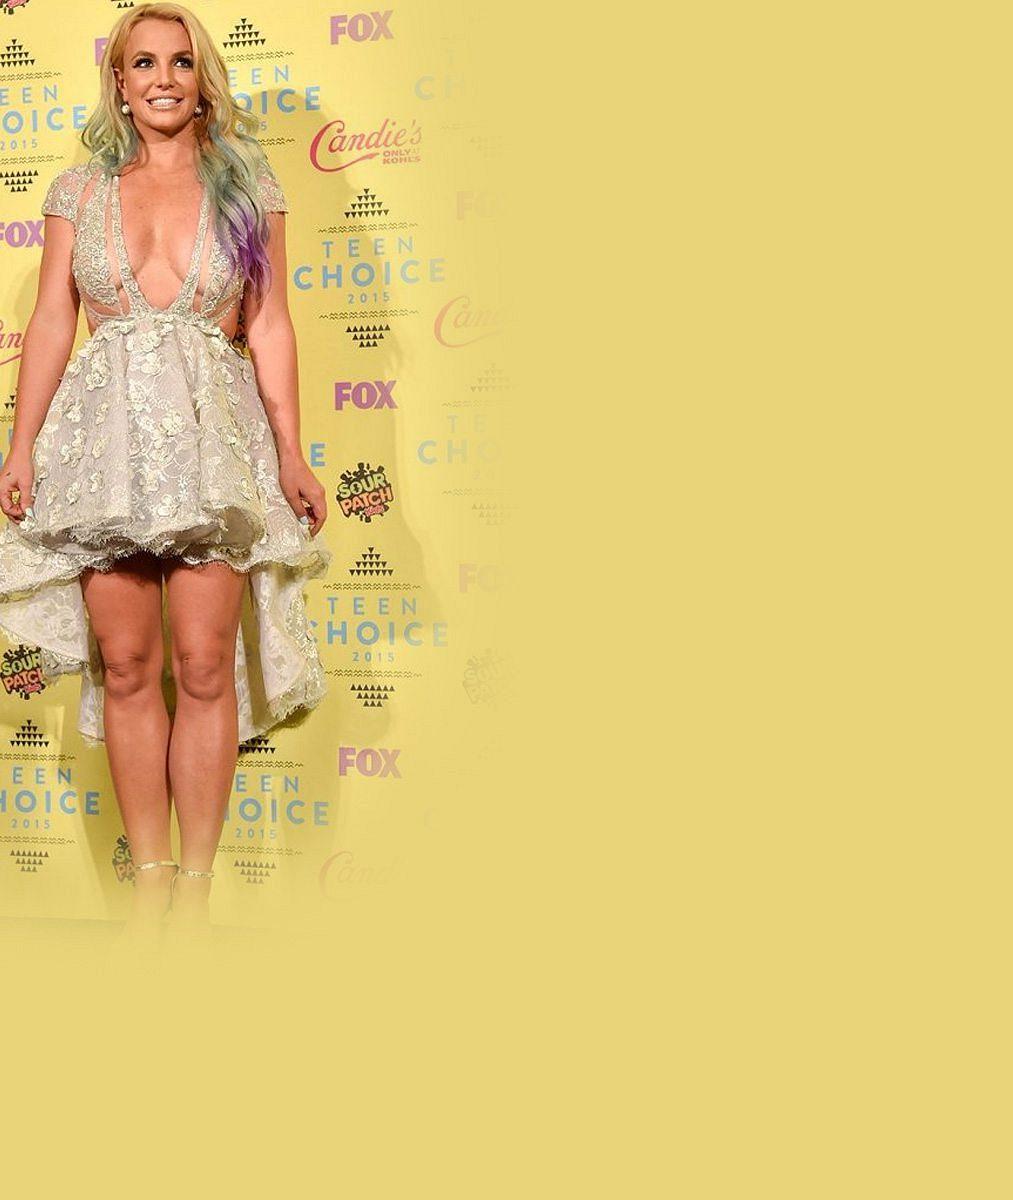 Je to ještě mládeži přístupno? Britney Spears oblékla na akci pro děti odvážné šaty s obřím dekoltem